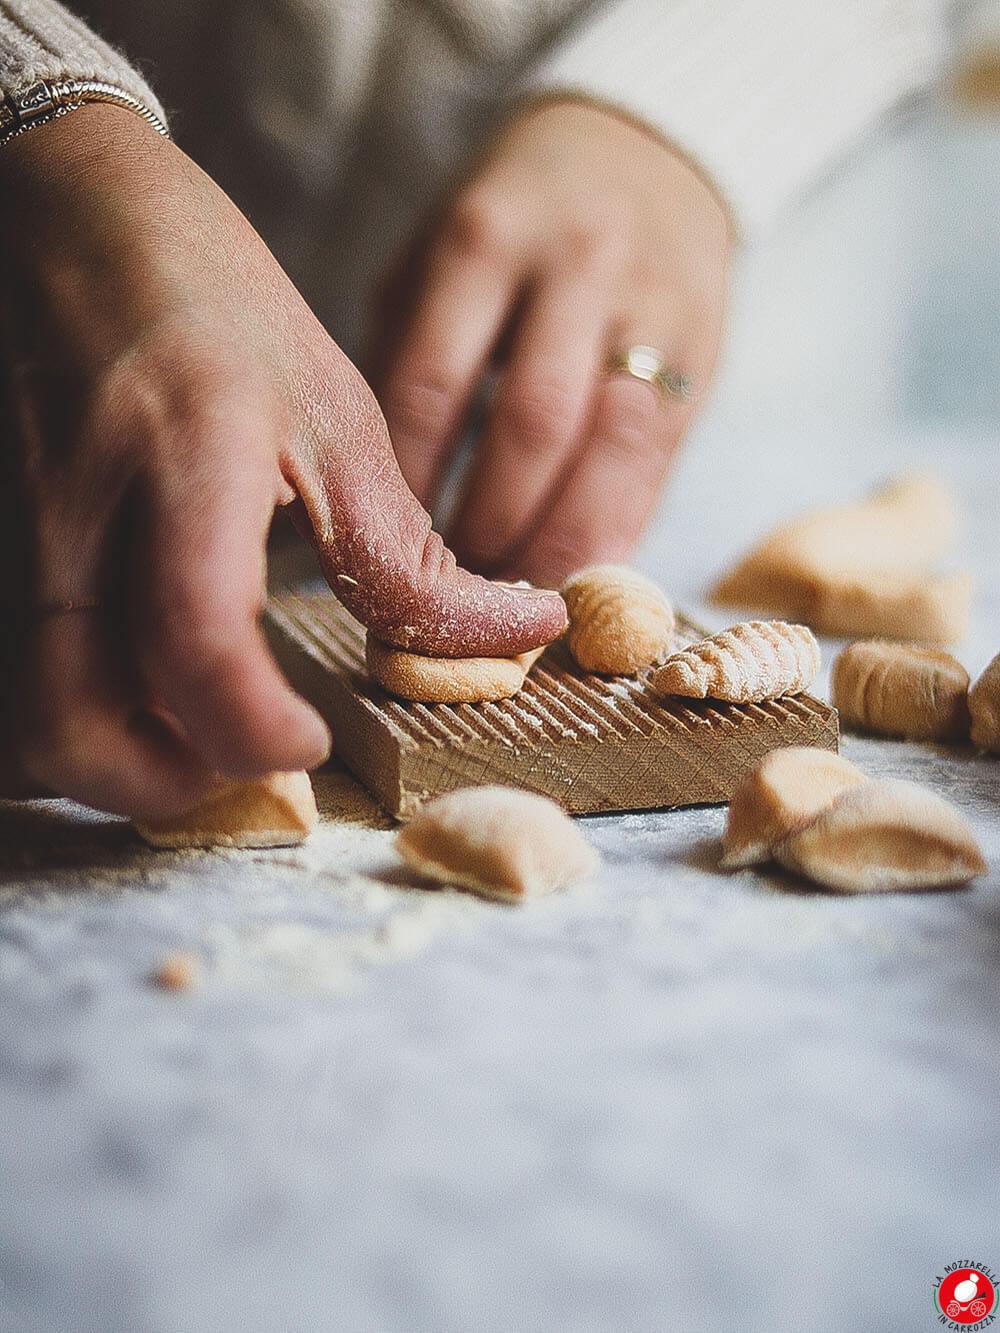 La Mozzarella In Carrozza - Gnocchi di zucca